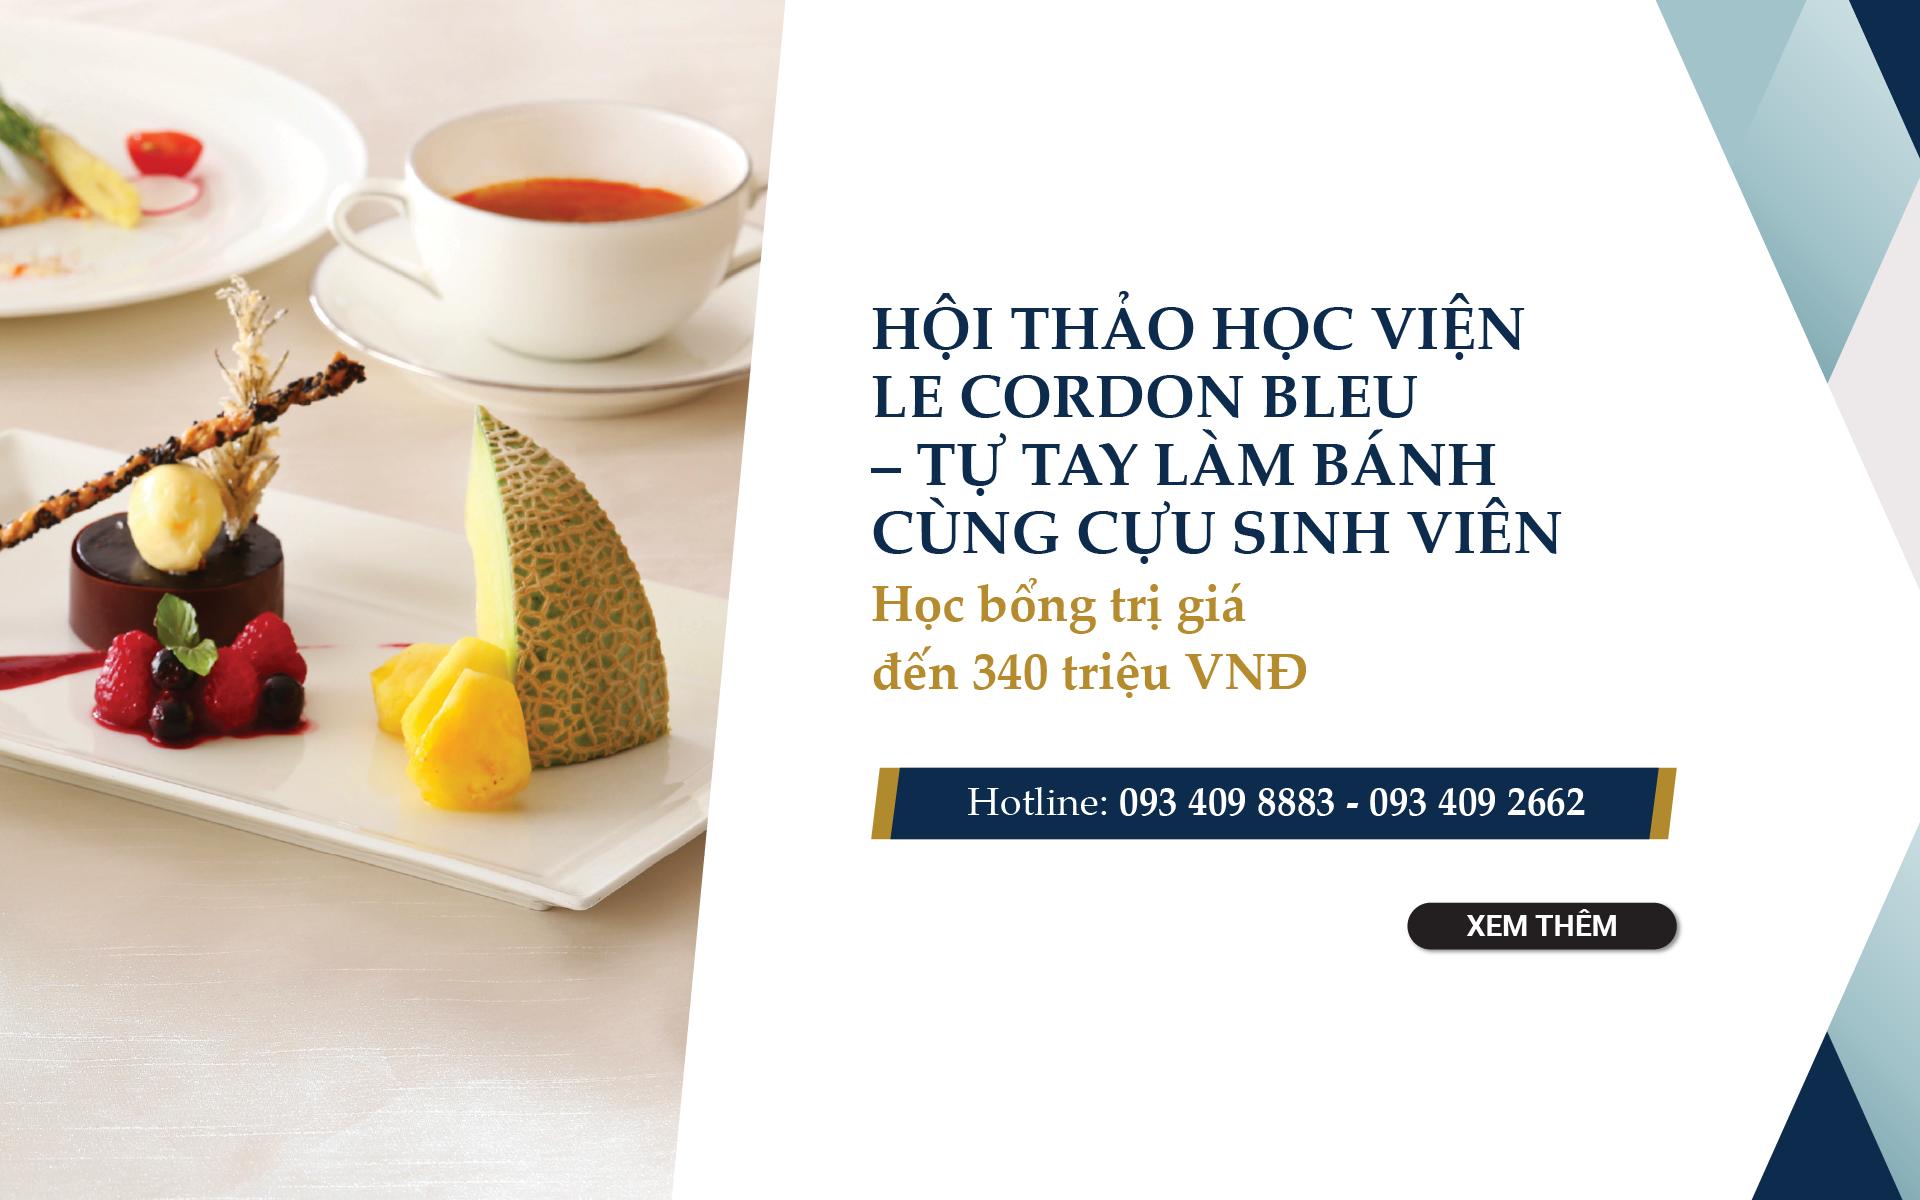 Hội thảo Học viện Le Cordon Bleu – Giao lưu và tự tay làm bánh cùng cựu sinh viên